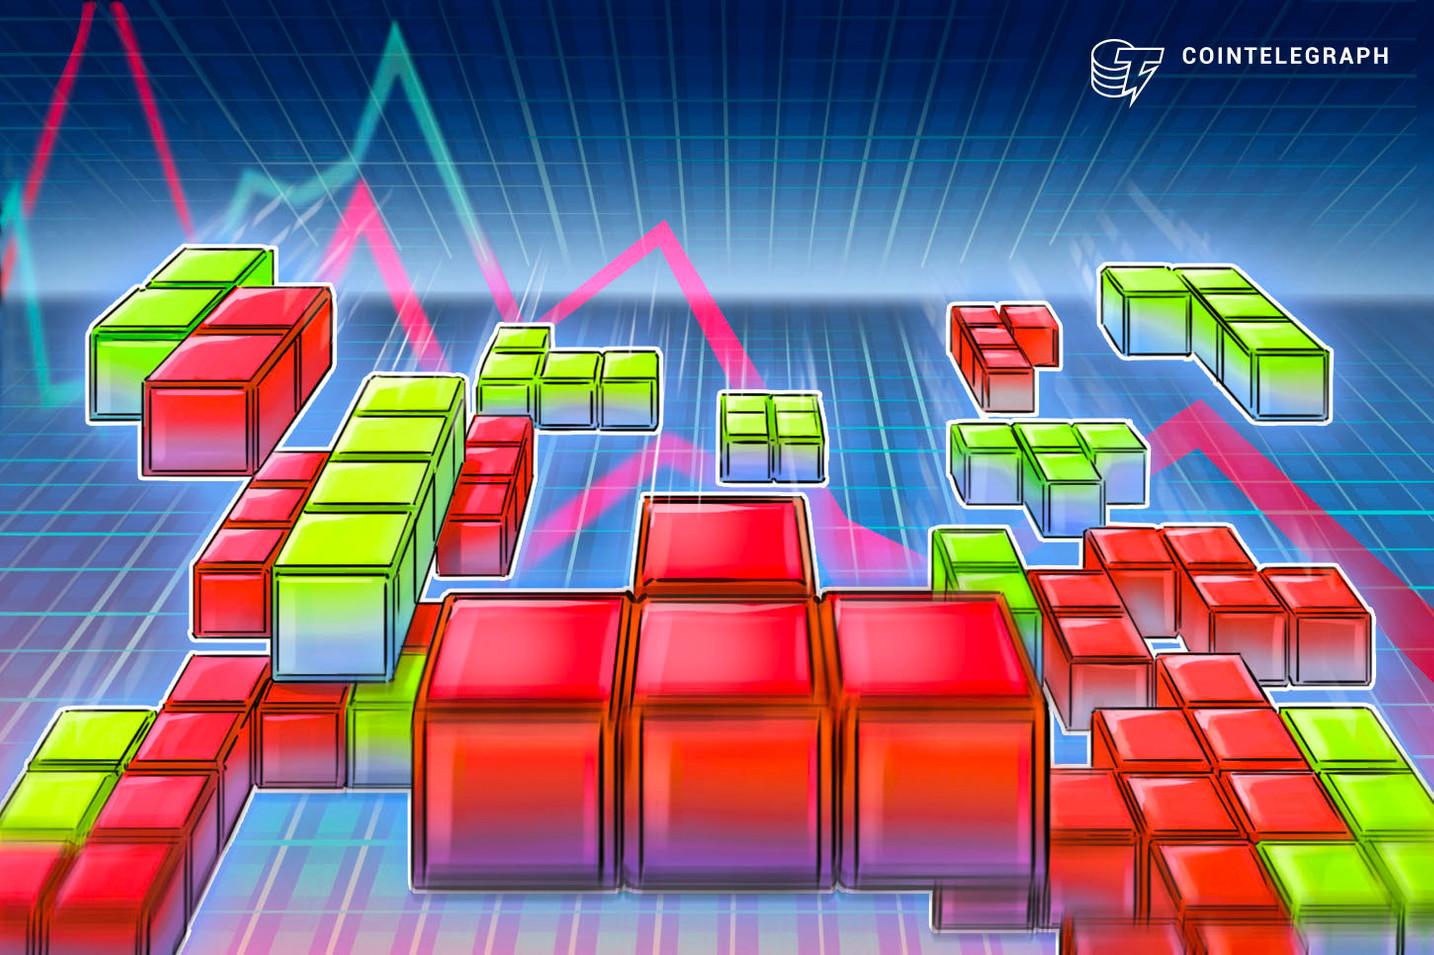 Bitcoin se segura acima dos US$ 3.600 e a maioria dos principais criptos têm leves ganhos